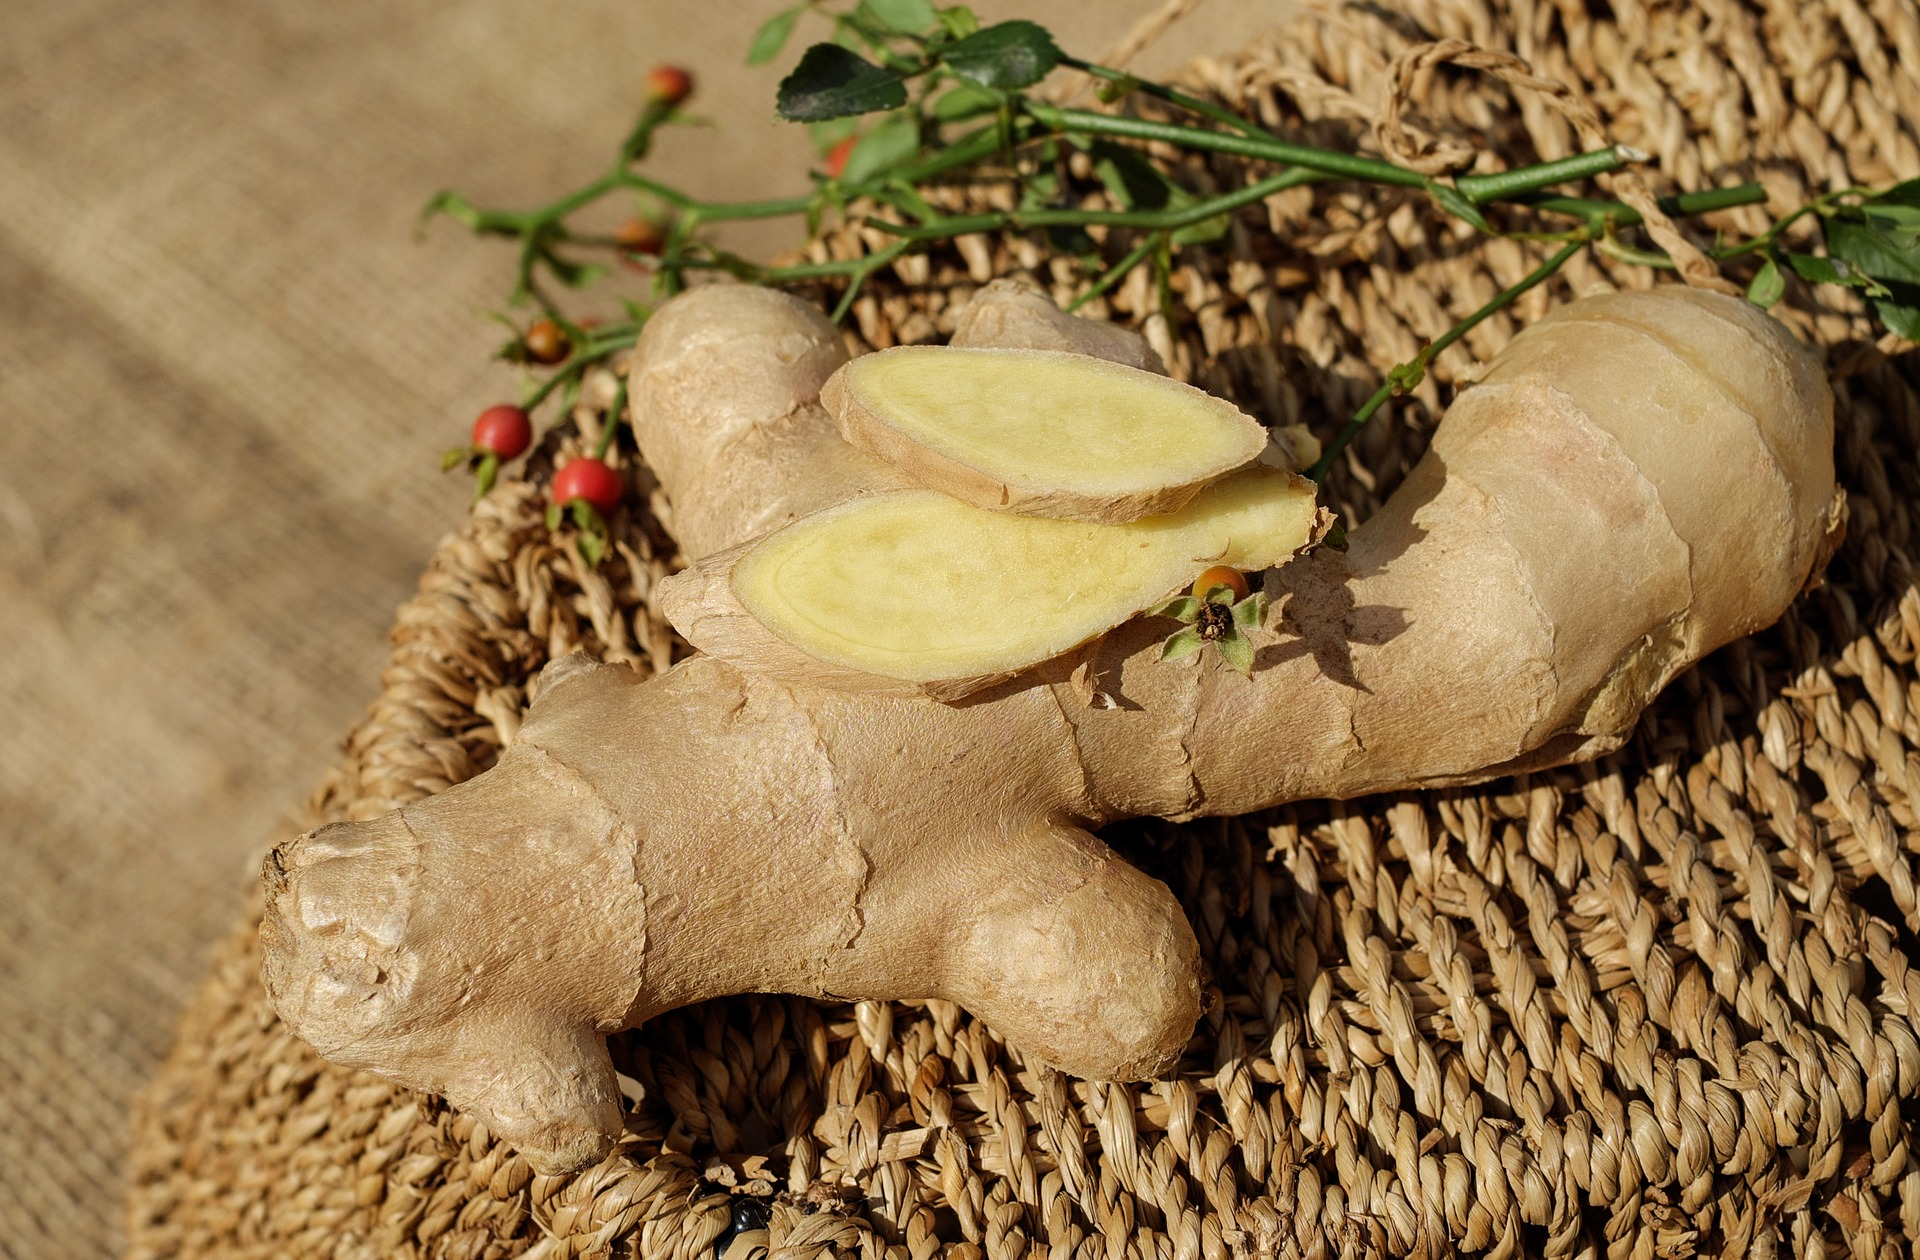 ginger-1738098_1920